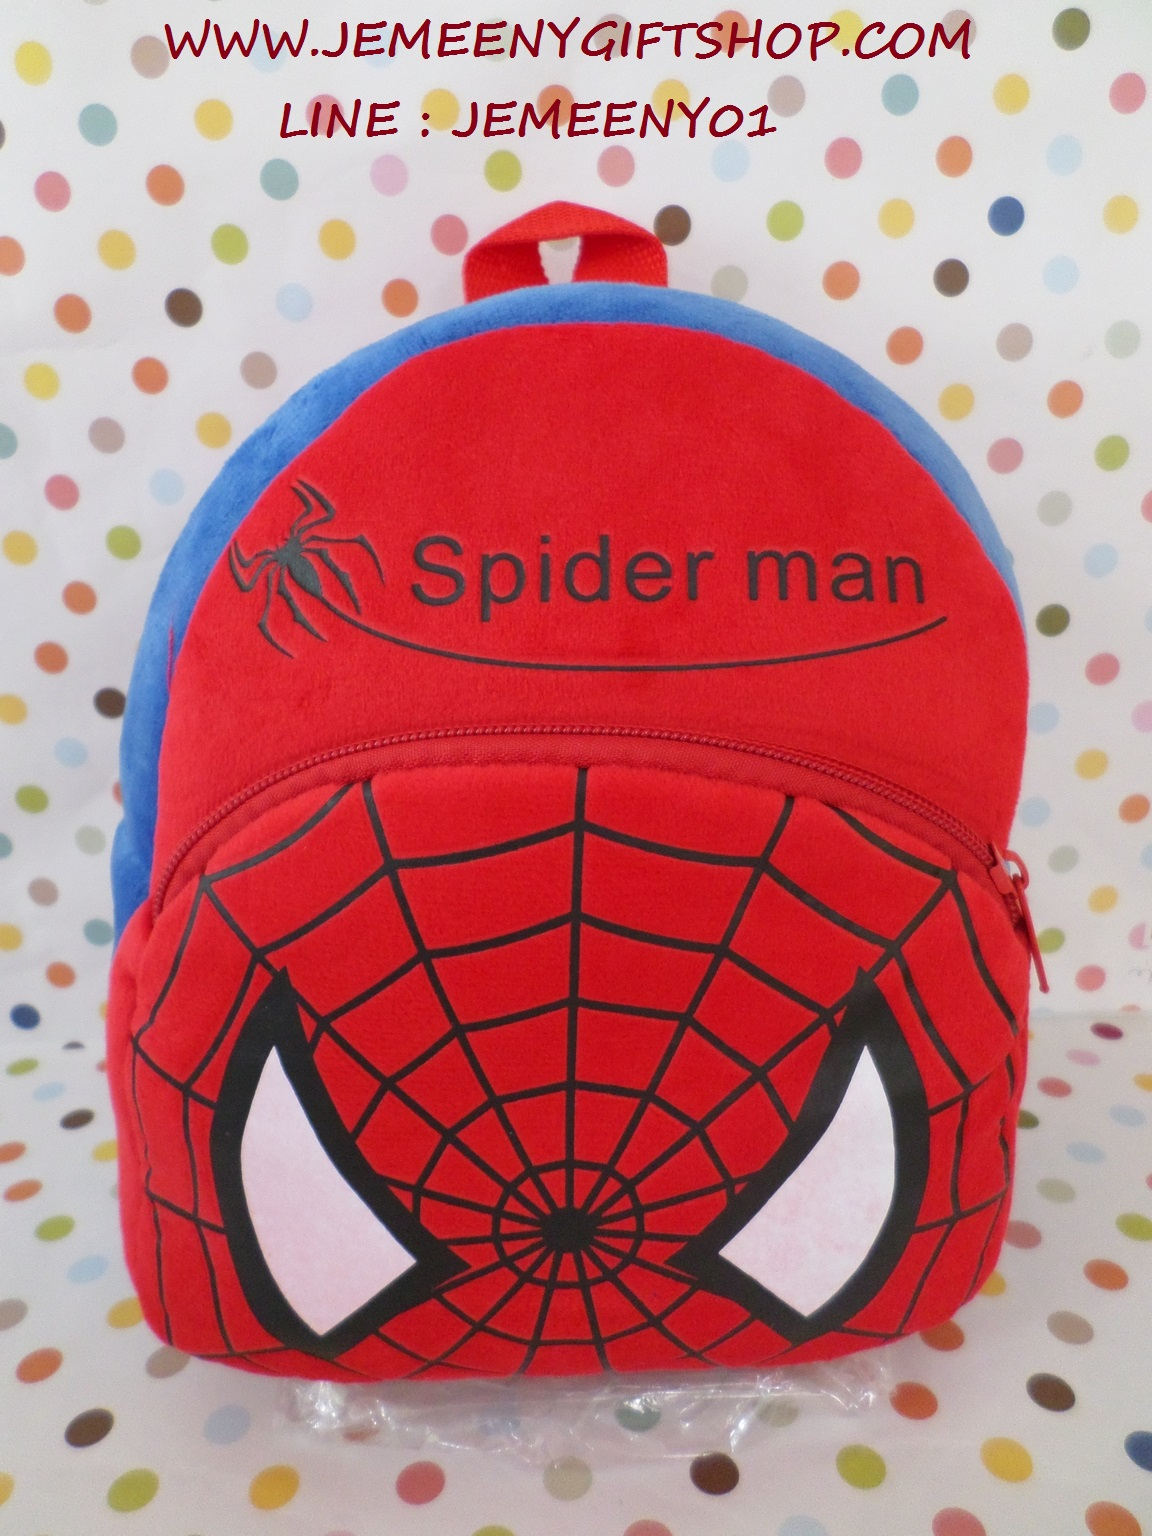 กระเป๋าเป้สะพายหลังใบเล็กจิ๋ว สไปเดอร์แมน Spiderman ขนาดกว้าง 5 ซม * ยาว 22 ซม * สูง 23 ซม เหมาะสำหรับเด็กเล็ก 2-4 ขวบ